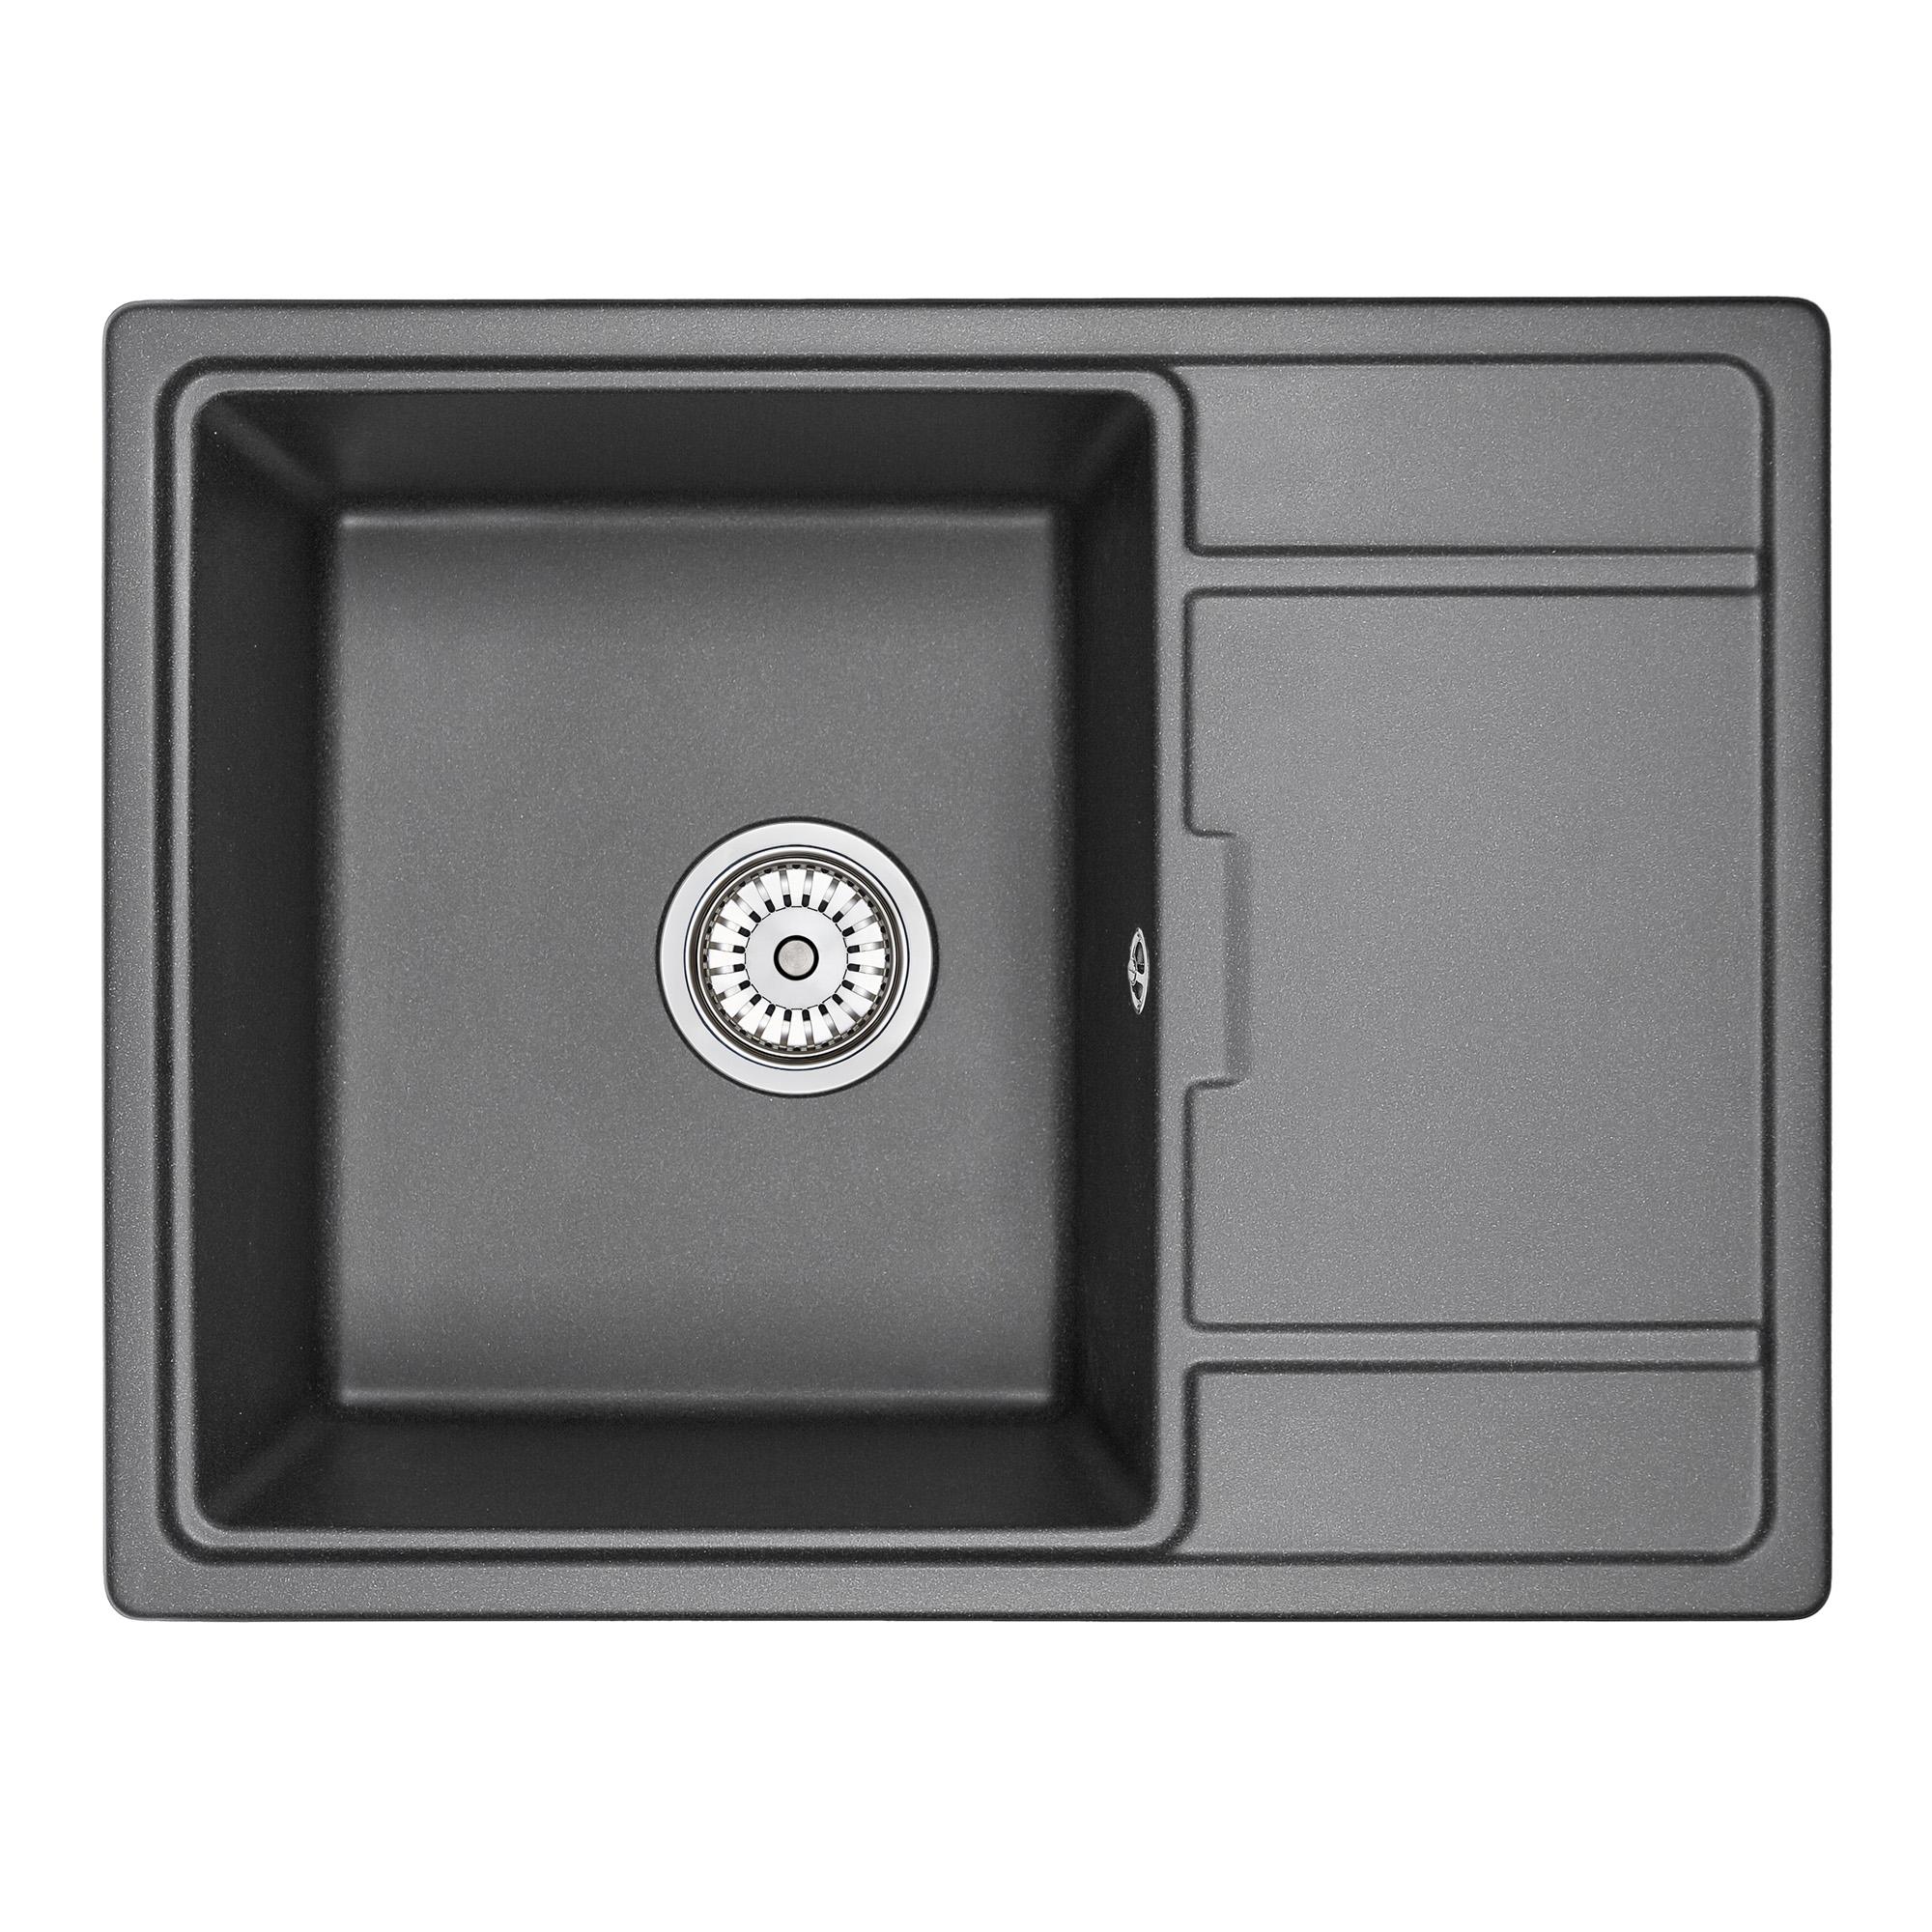 Кухонная мойка Granula GR-6503 650х500 шварц смеситель для мойки granula 1124 шварц